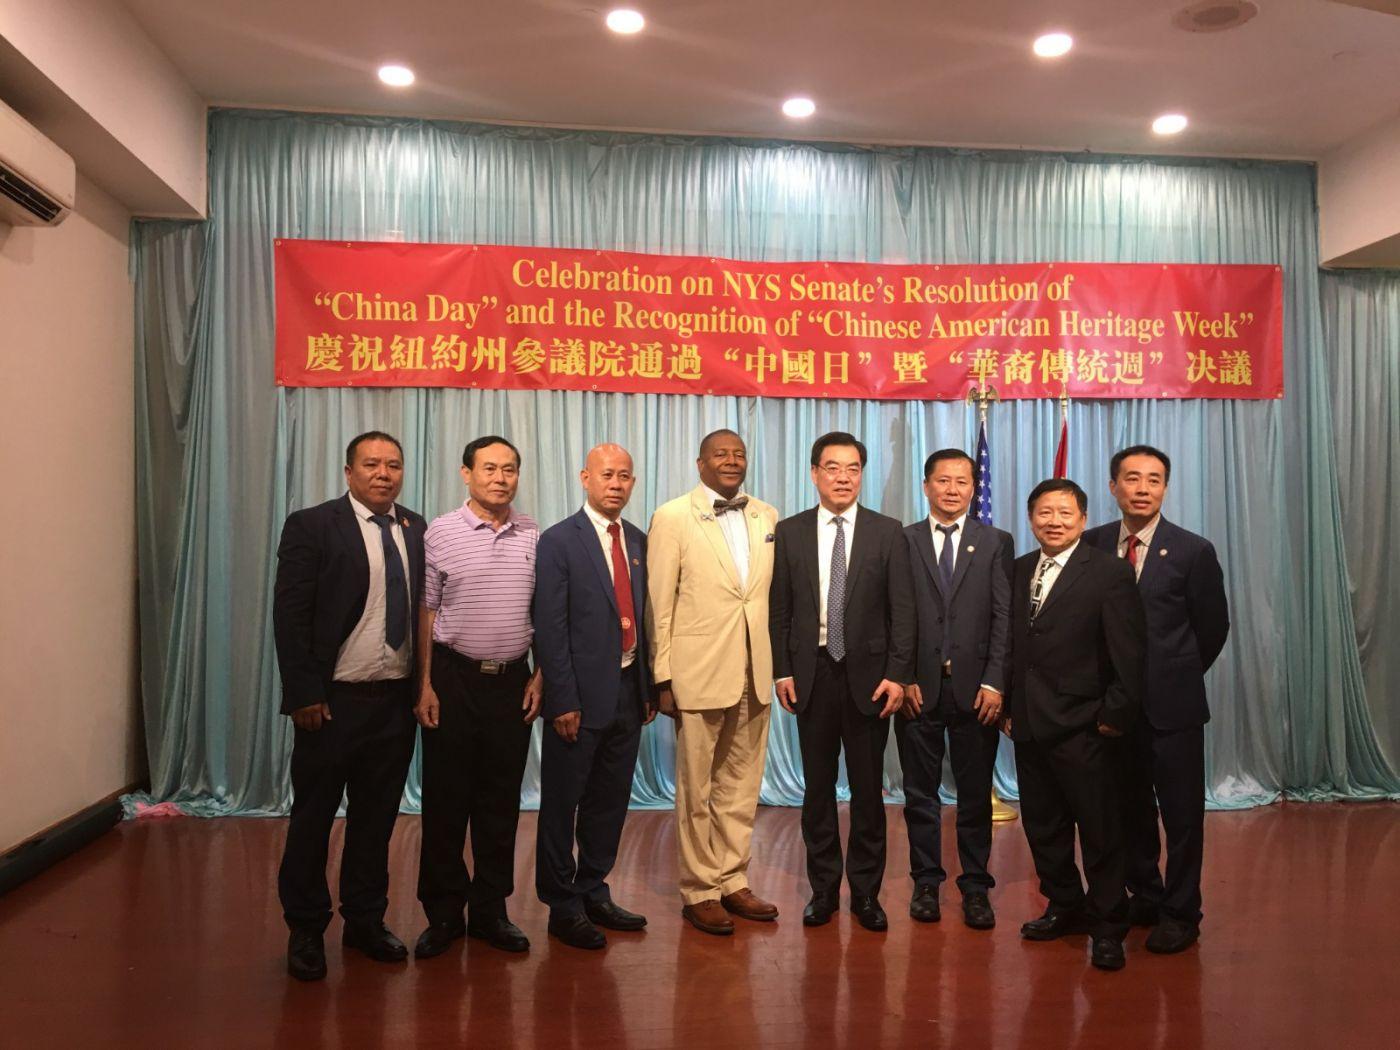 紐約州參議院通過「中國日」決議案慶祝会在紐約舉行_图1-41